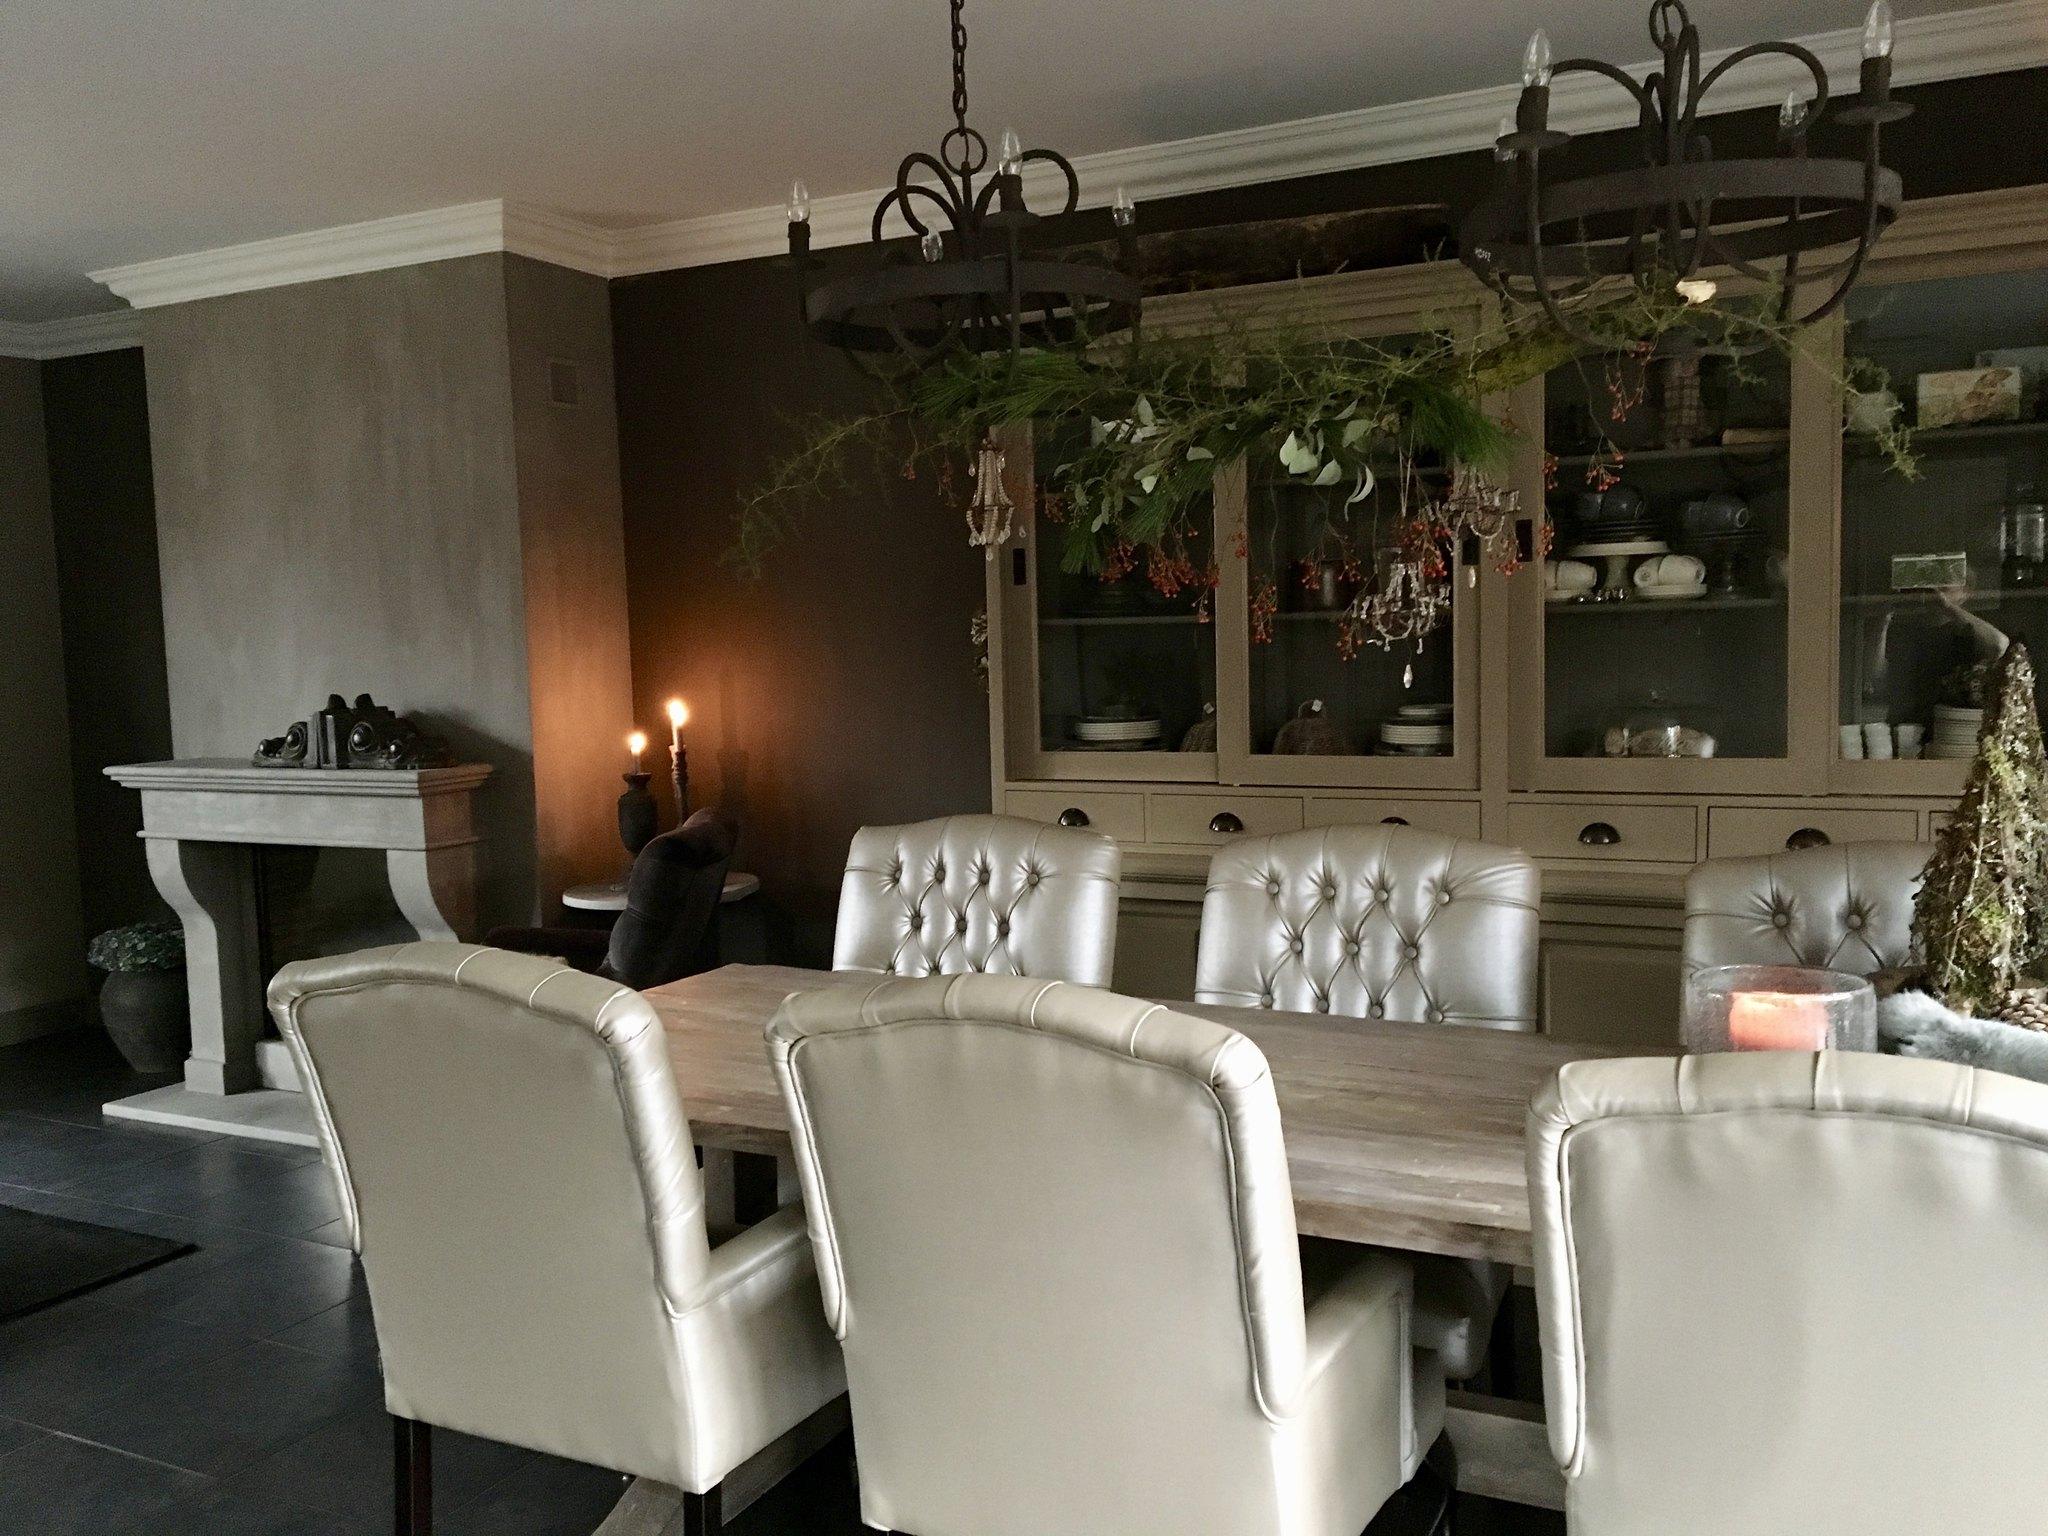 Woonkamer Cottage Stijl : Landelijke woonkamer. elegant landelijke woonkamer with landelijke